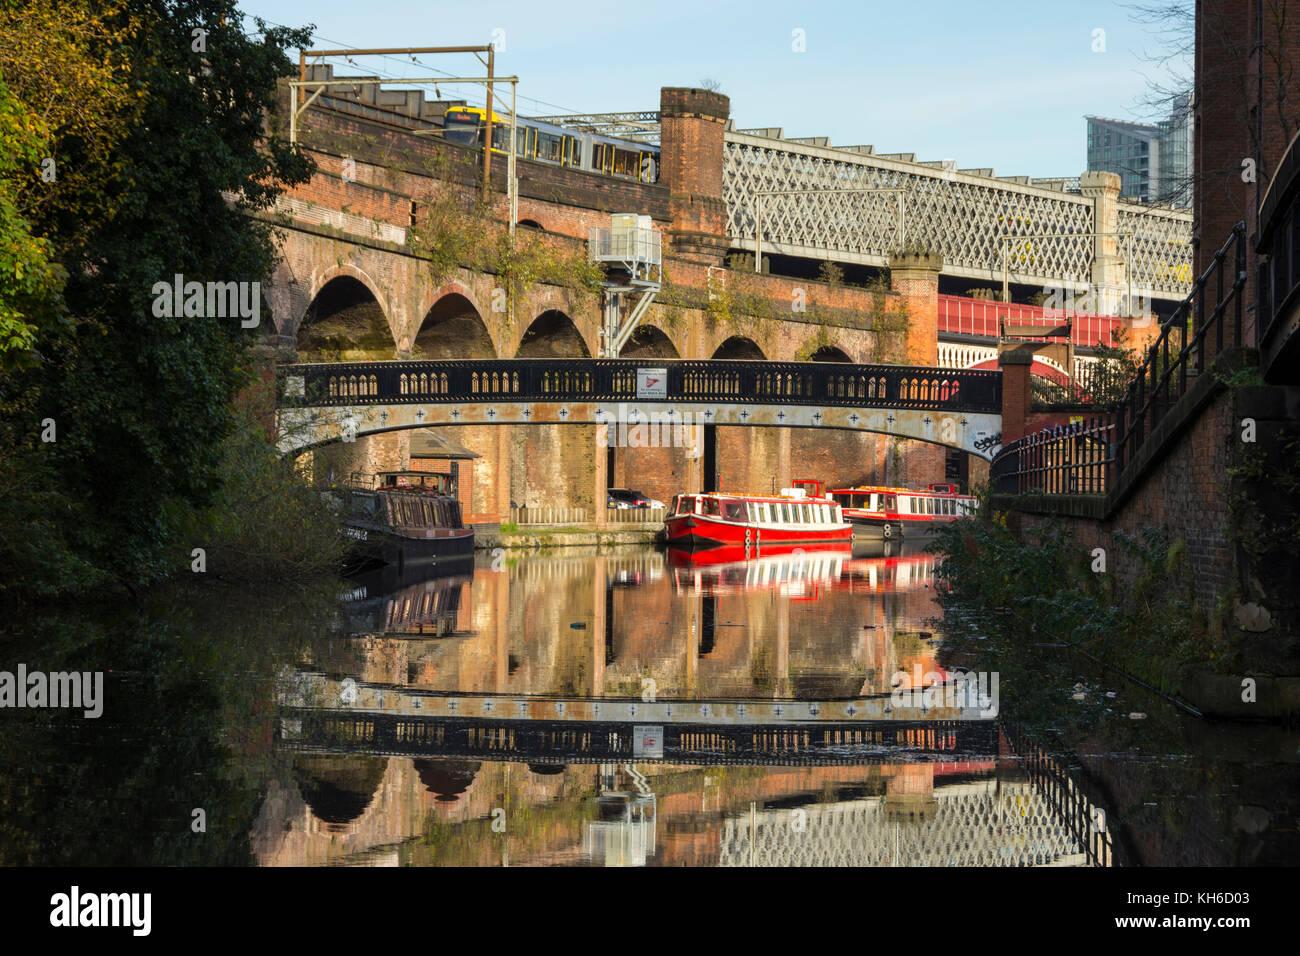 Un puente de estilo victoriano, viaductos ferroviarios y barcos de canal se refleja en el Bridgewater Canal en Castlefield, Manchester, Inglaterra, Reino Unido. Foto de stock